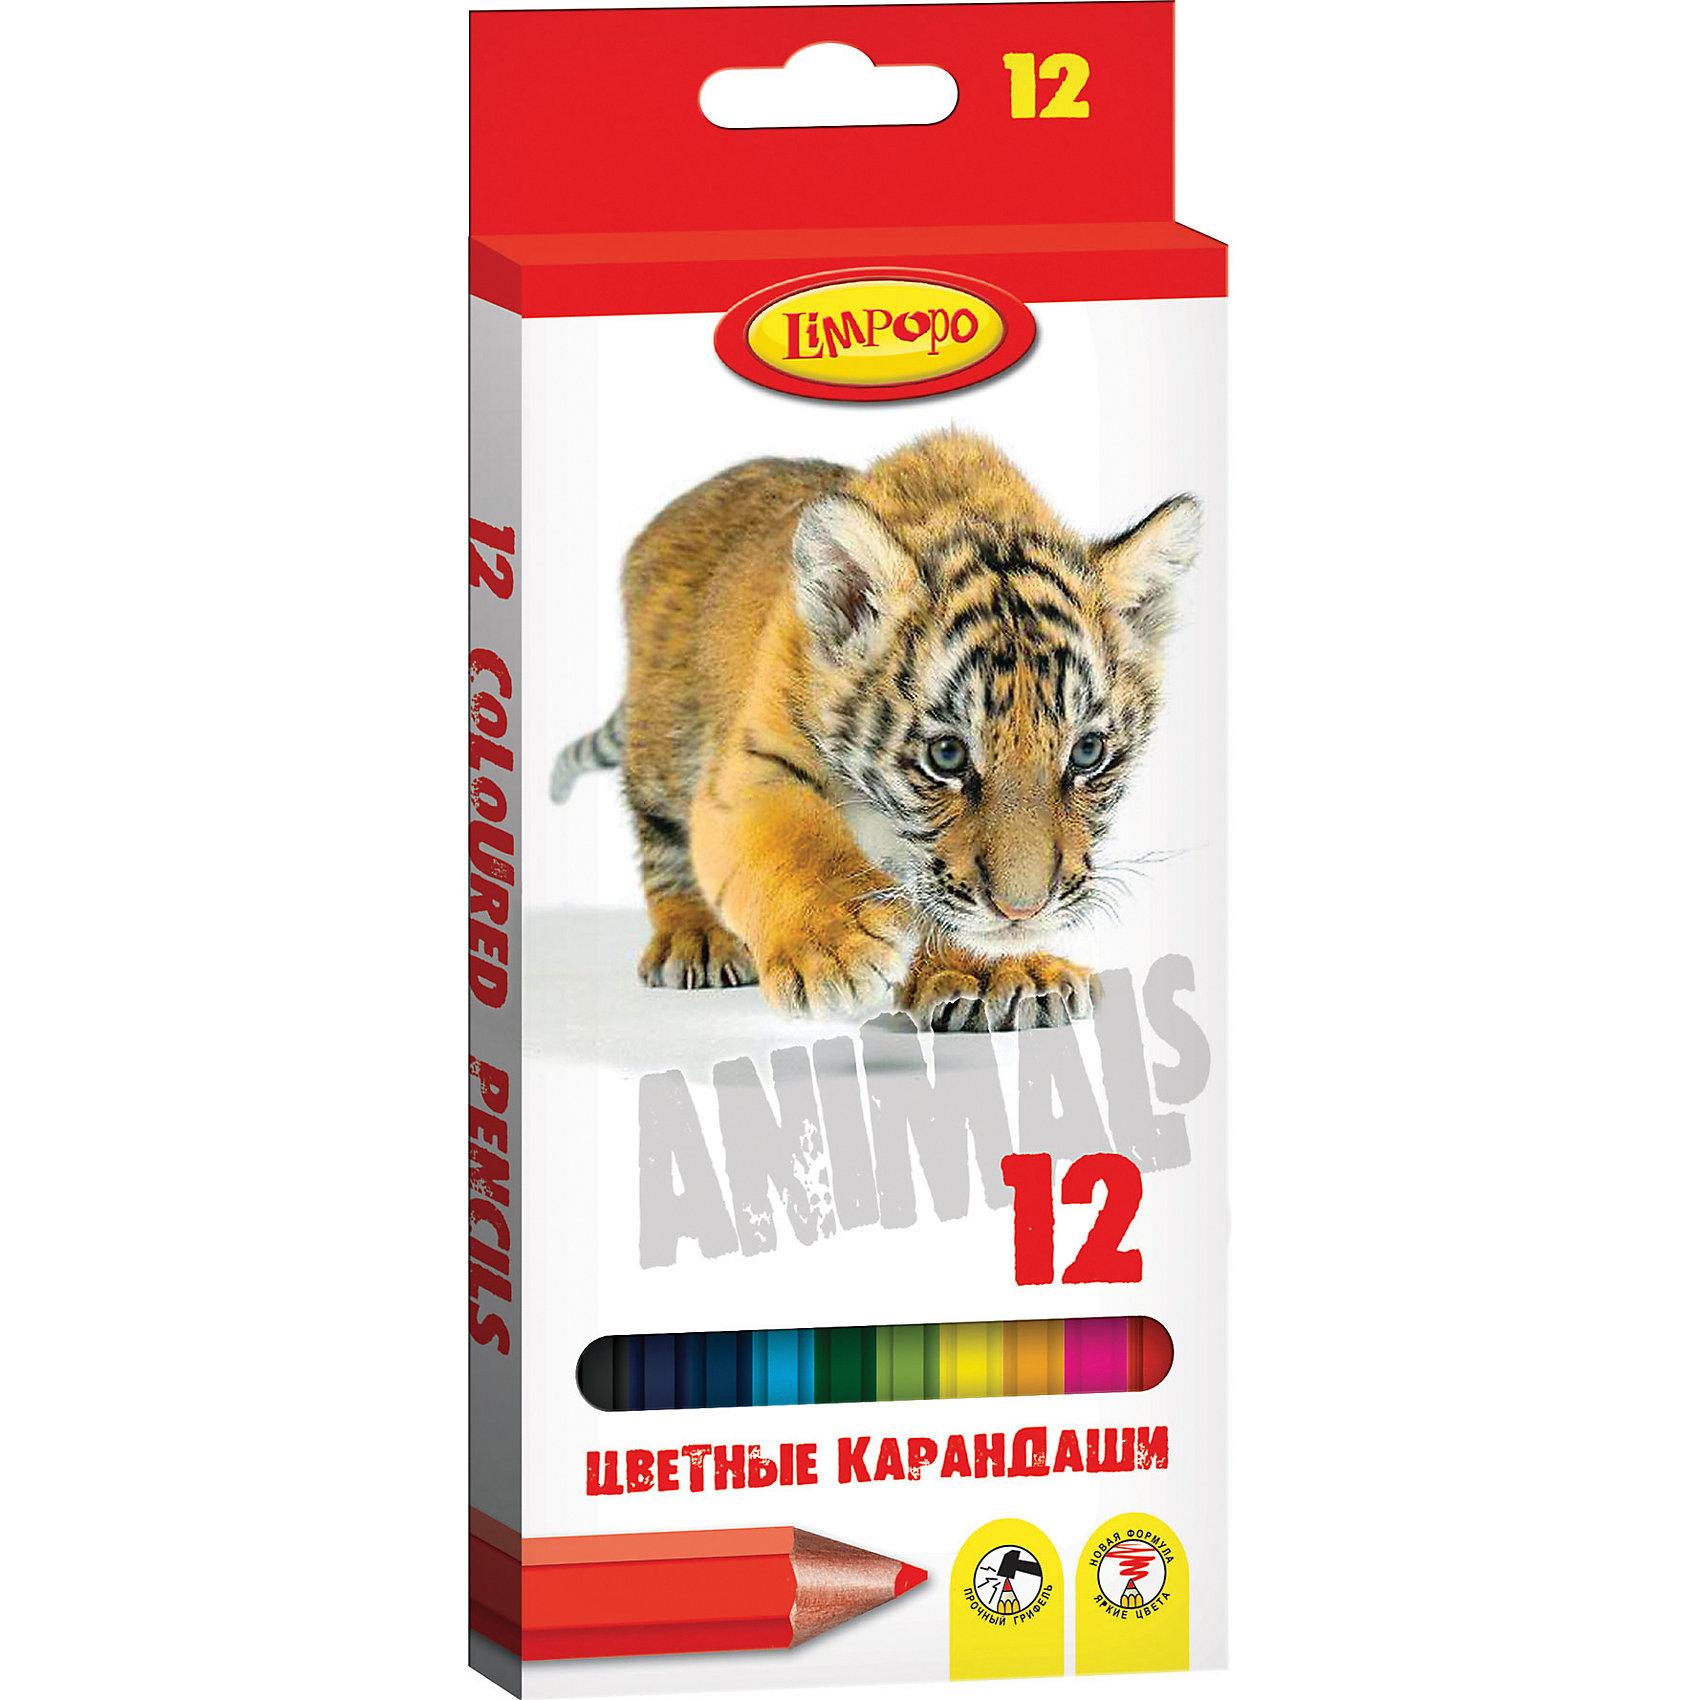 Карандаши цветные Хищники, 12 цветовРисование<br>Набор цветных карандашей Limpopo Хищники - помогут развить юным художникам творческие способности, цветовое восприятие, фантазию и воображение.  Цветные карандаши Limpopo обладают яркими и сочными цветами, при изготовлении грифеля используется  пигмент высокого качества, который обеспечивает мягкое письмо и подарит насыщенность оттенков и настоящую радость творчества. Мягкий ударопрочный грифель не ломается при падении и легко затачивается любым видом точилки. Карандаши Limpopo имеют удобный эргономичный шестигранный  корпус, благодаря которому карандаши не будут скатываться со стола. Специальное покрытие корпуса цветных карандашей уменьшает скольжение, что делает процесс рисования максимально комфортным.<br><br>Ширина мм: 8<br>Глубина мм: 2<br>Высота мм: 89<br>Вес г: 77<br>Возраст от месяцев: 36<br>Возраст до месяцев: 180<br>Пол: Унисекс<br>Возраст: Детский<br>SKU: 5525044